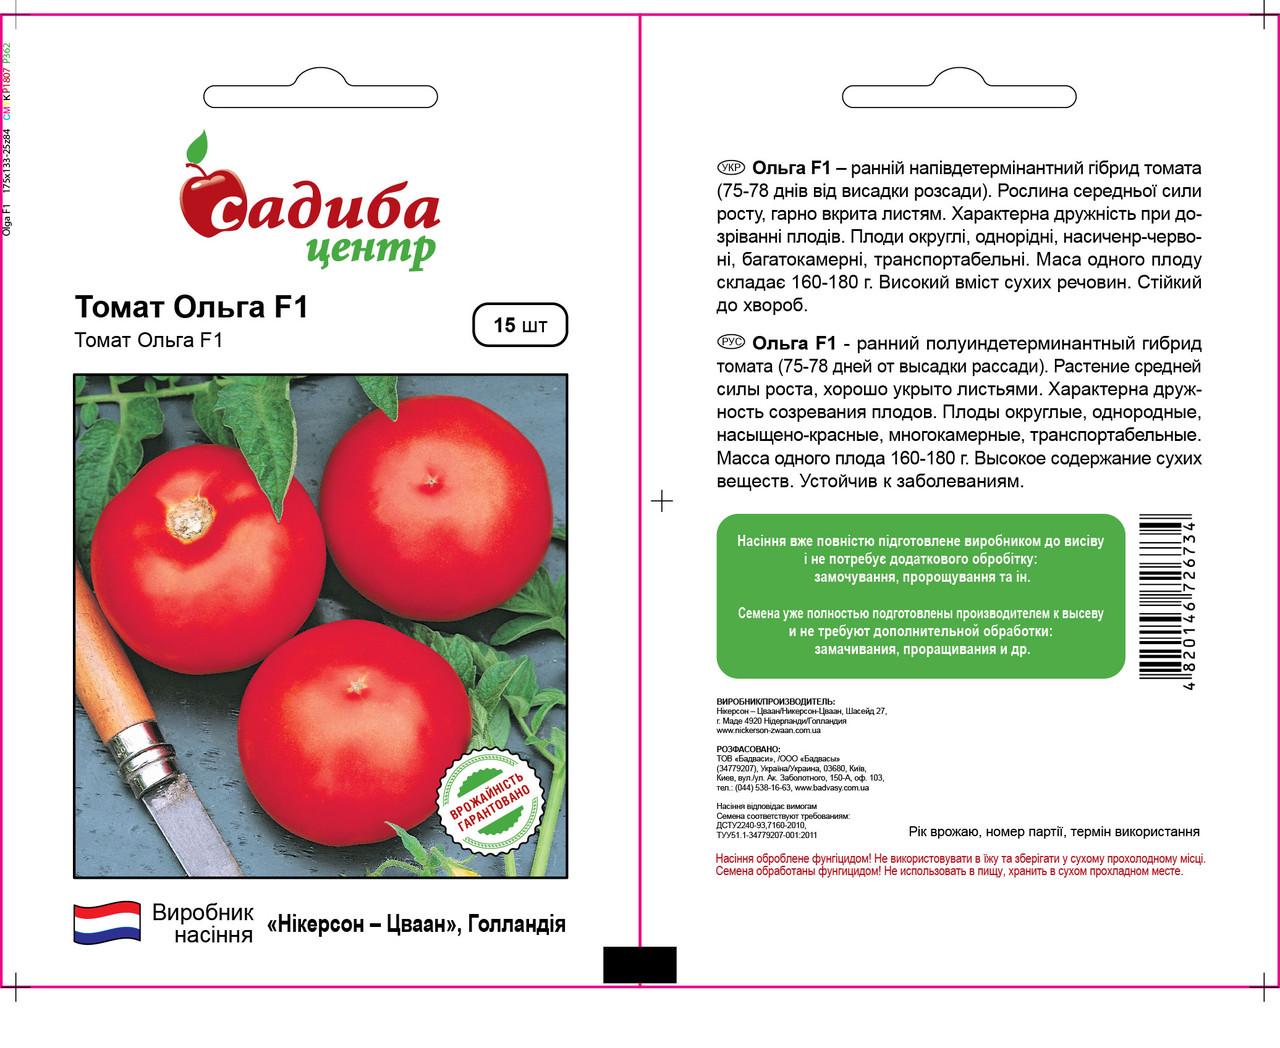 Семена томата Ольга F1 (Nickerson Zwaan / САДЫБА ЦЕНТР) 15 сем — ранний, красный, полу-детерминантный, круглый